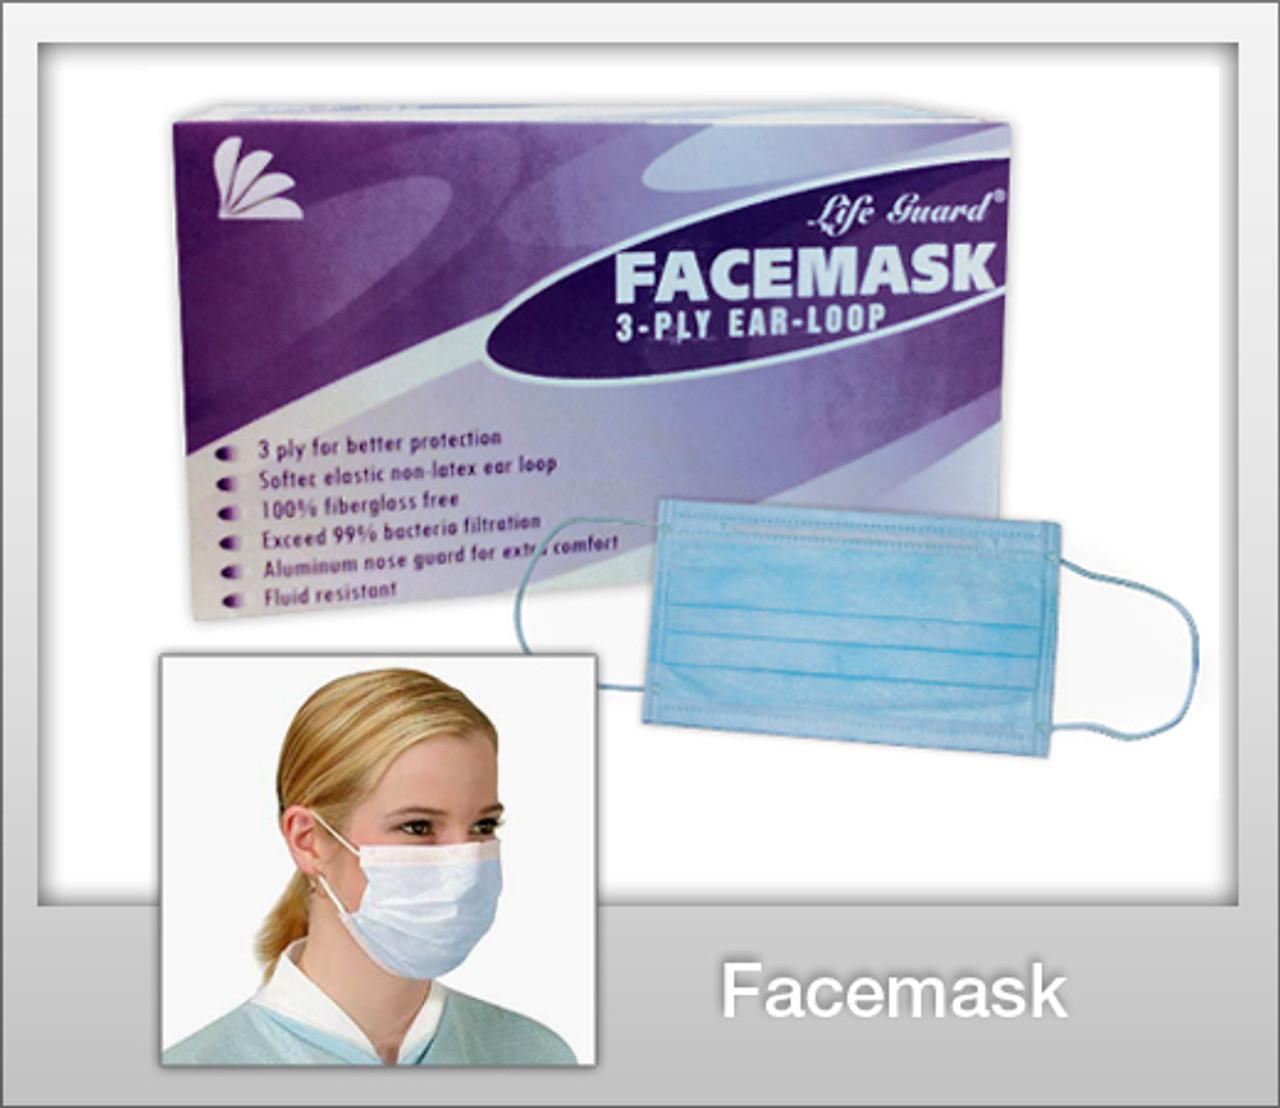 gurad surgical mask